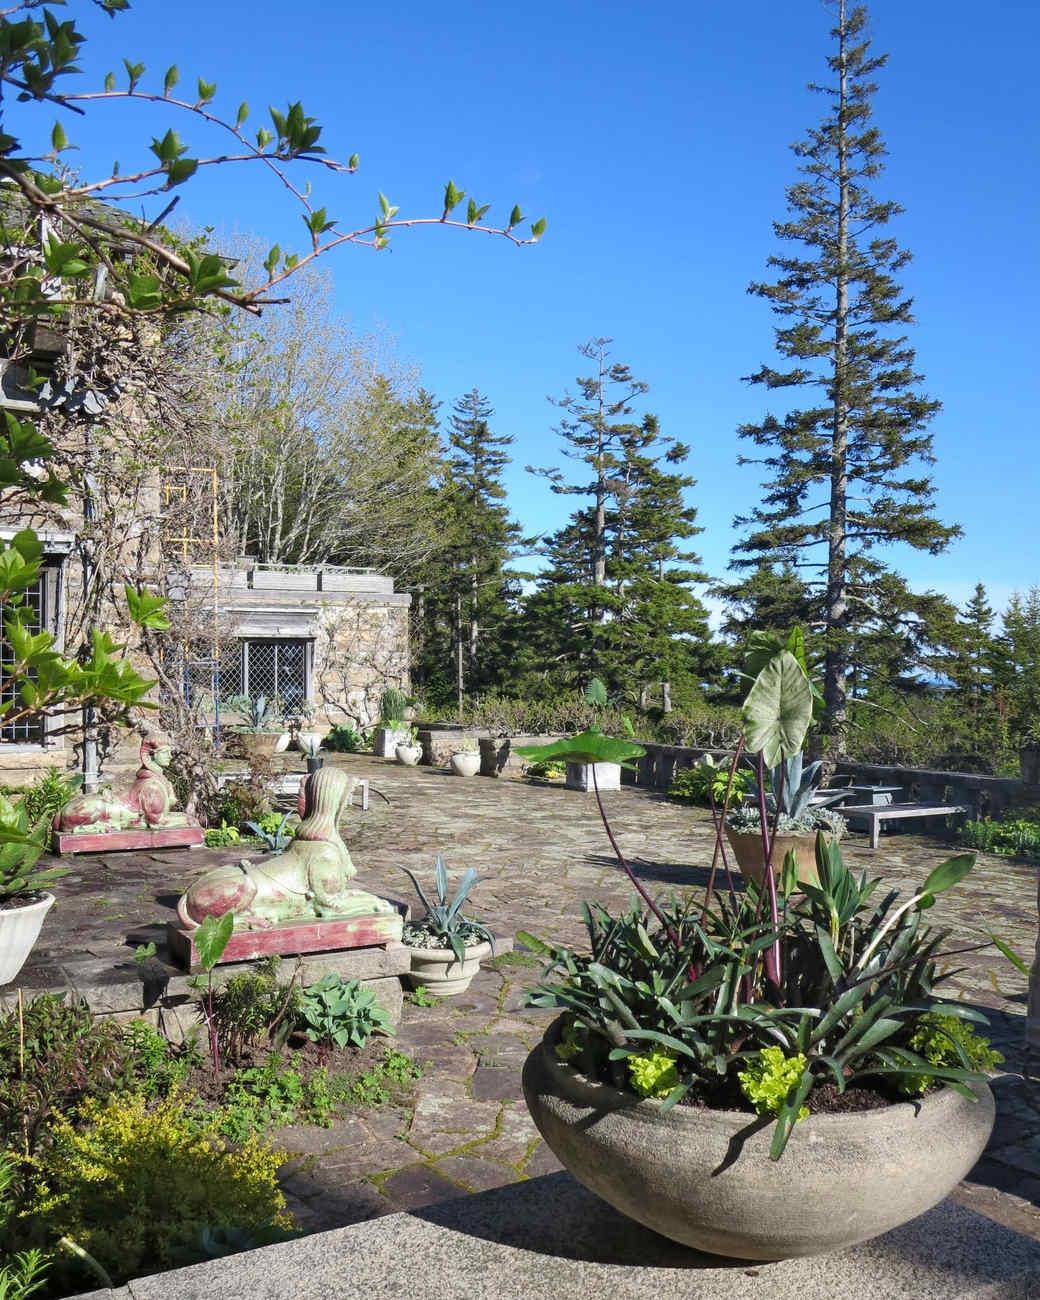 planting-urns-skylands-36-0514.jpg